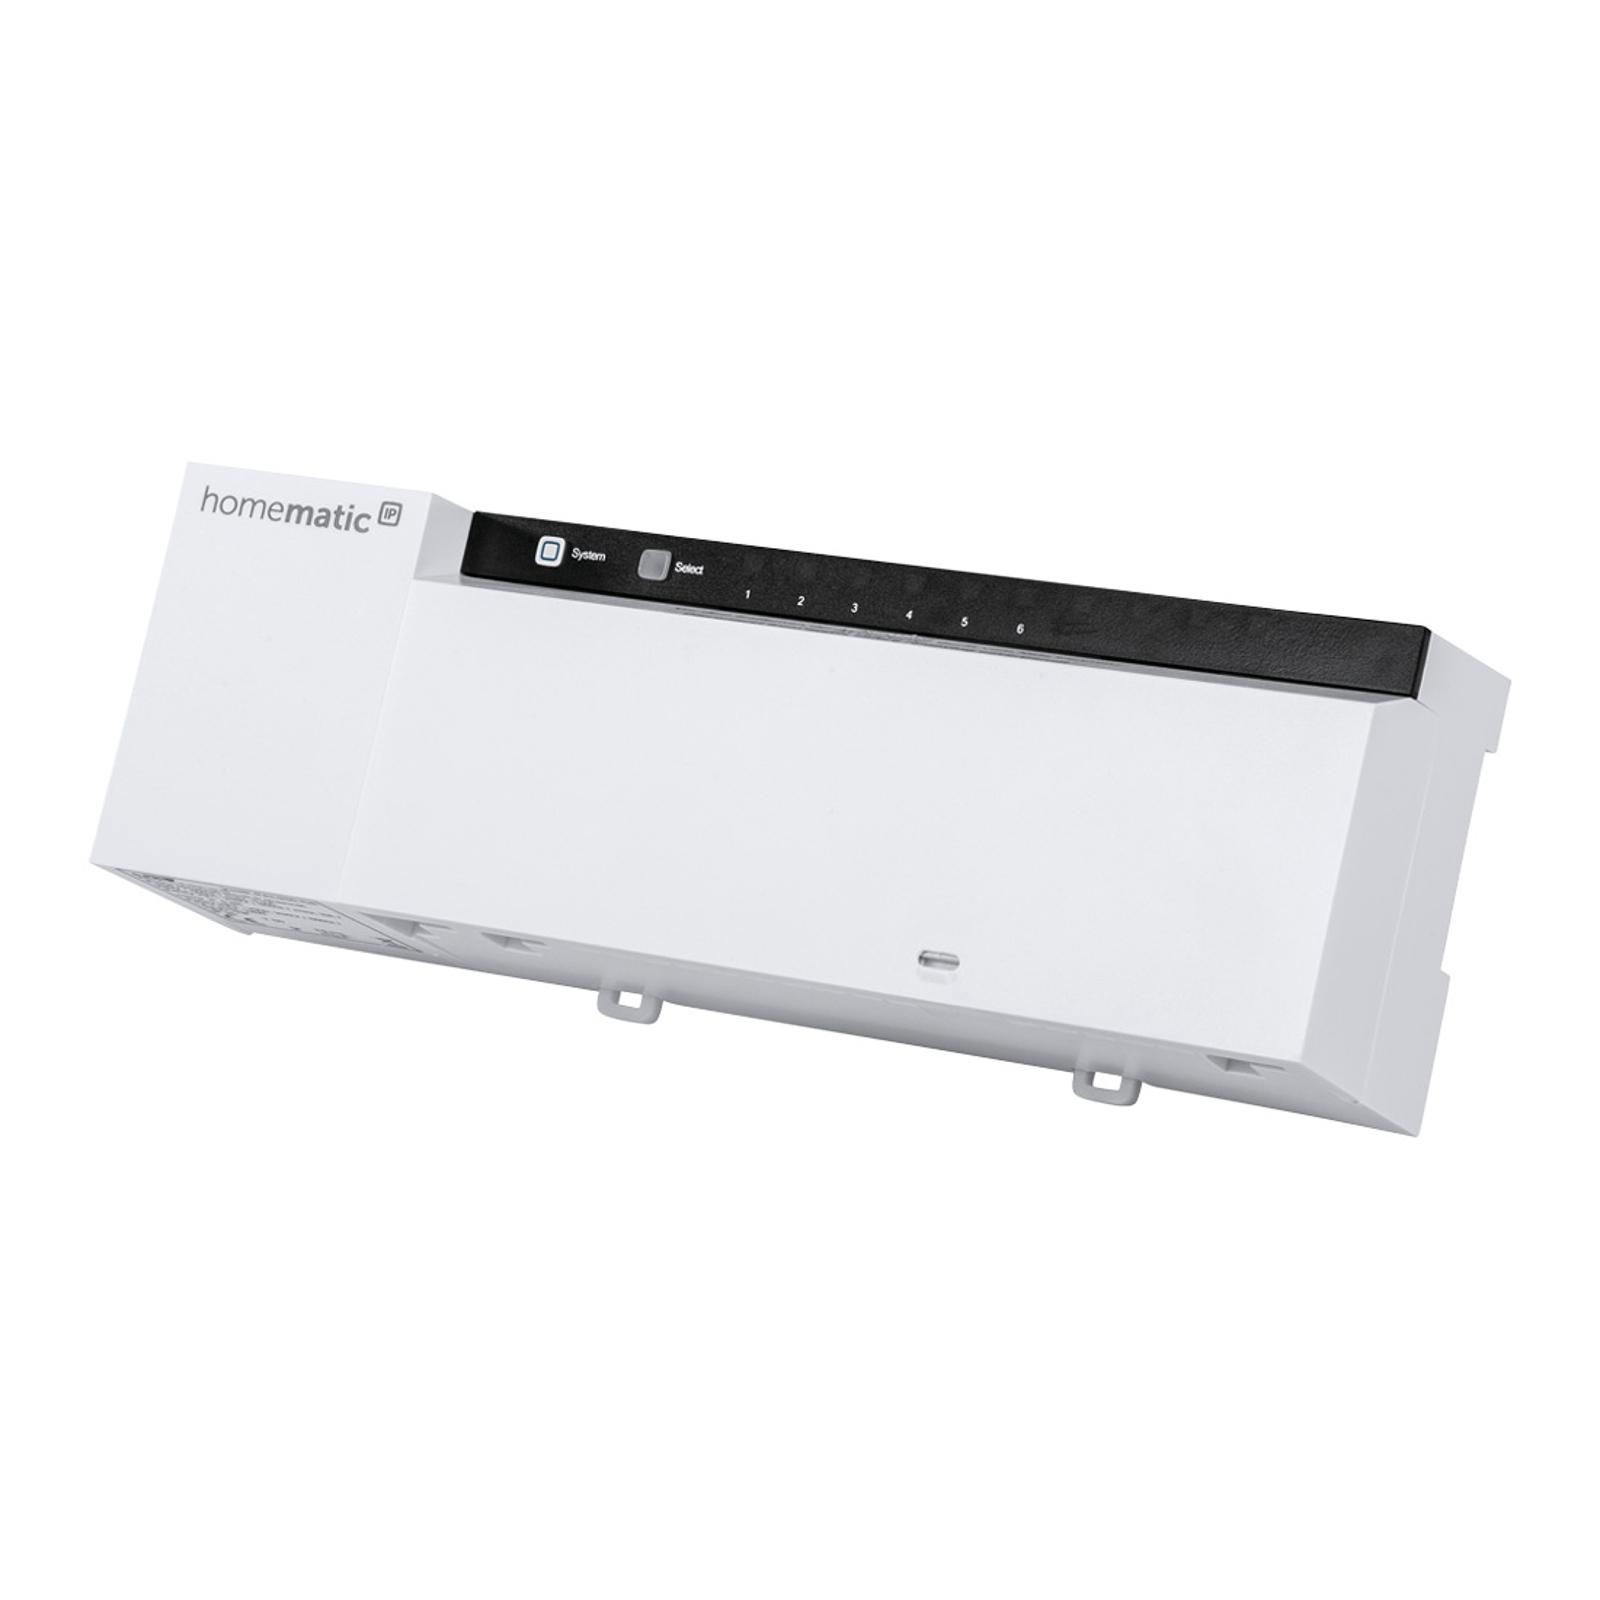 Homematic IP Fußbodenheizungsaktor, 6-fach, 24 V